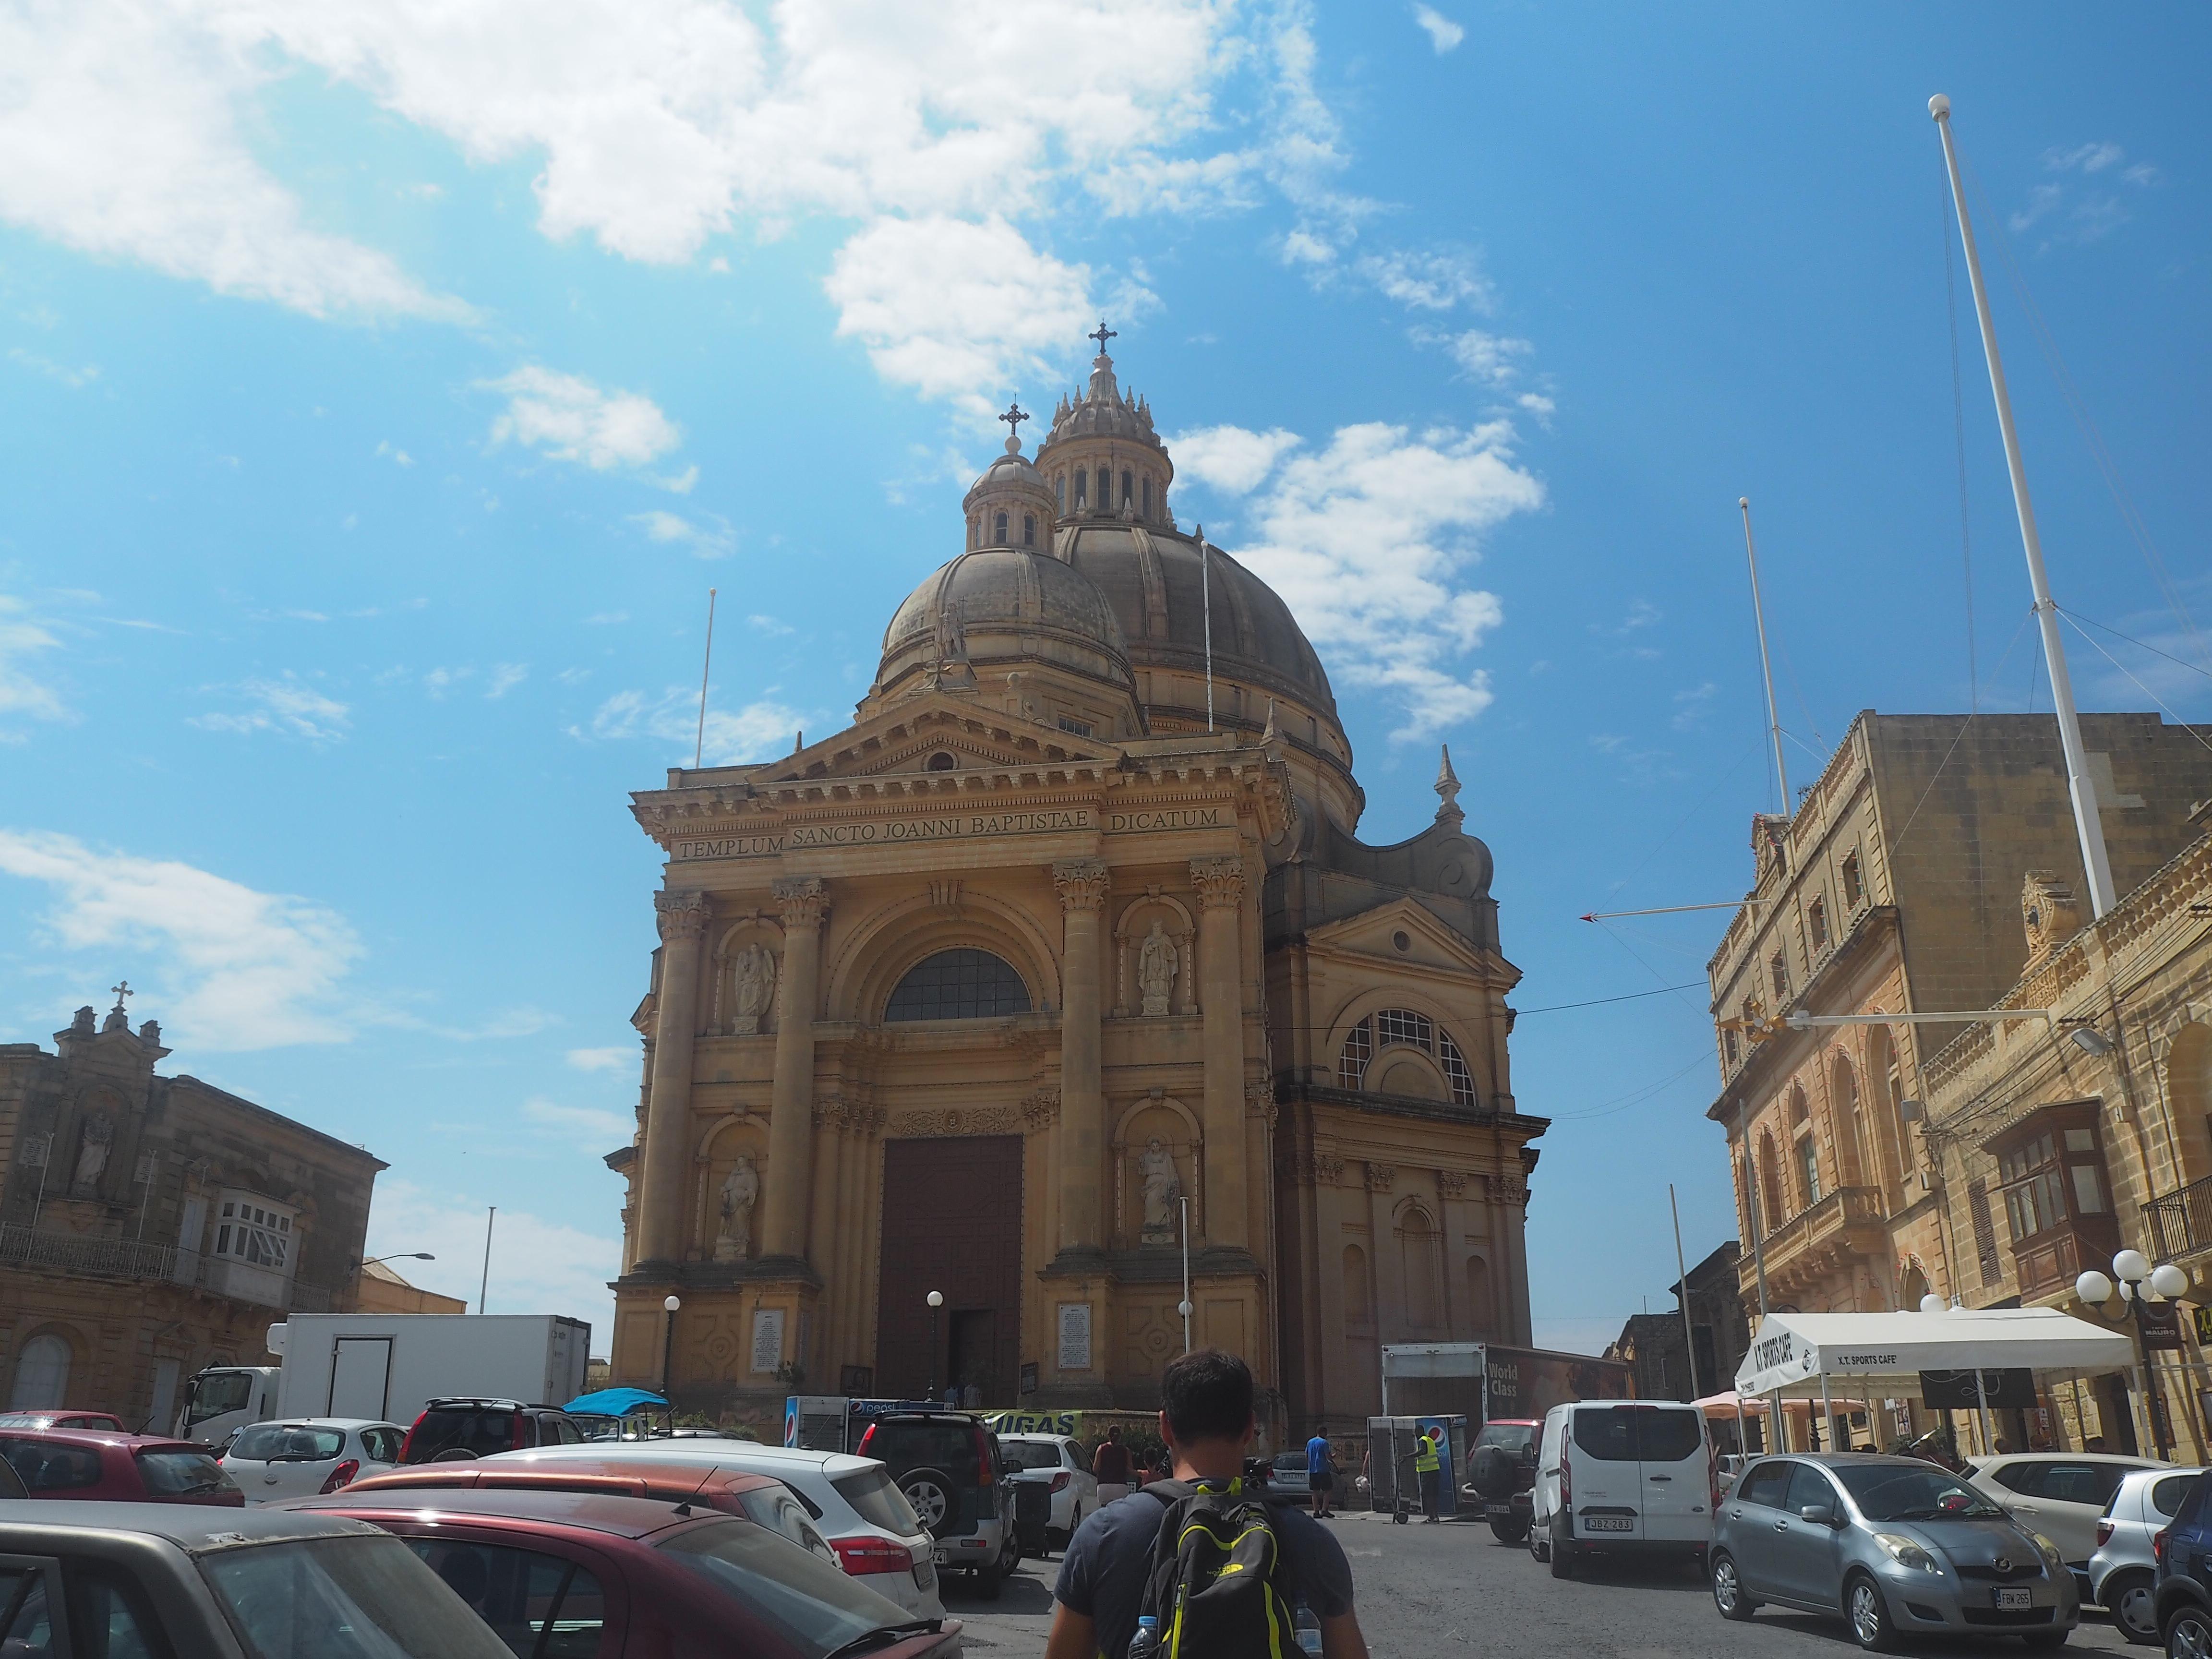 シェウキーヤ教会(Xewkija Church、Church of St. John The Baptist)